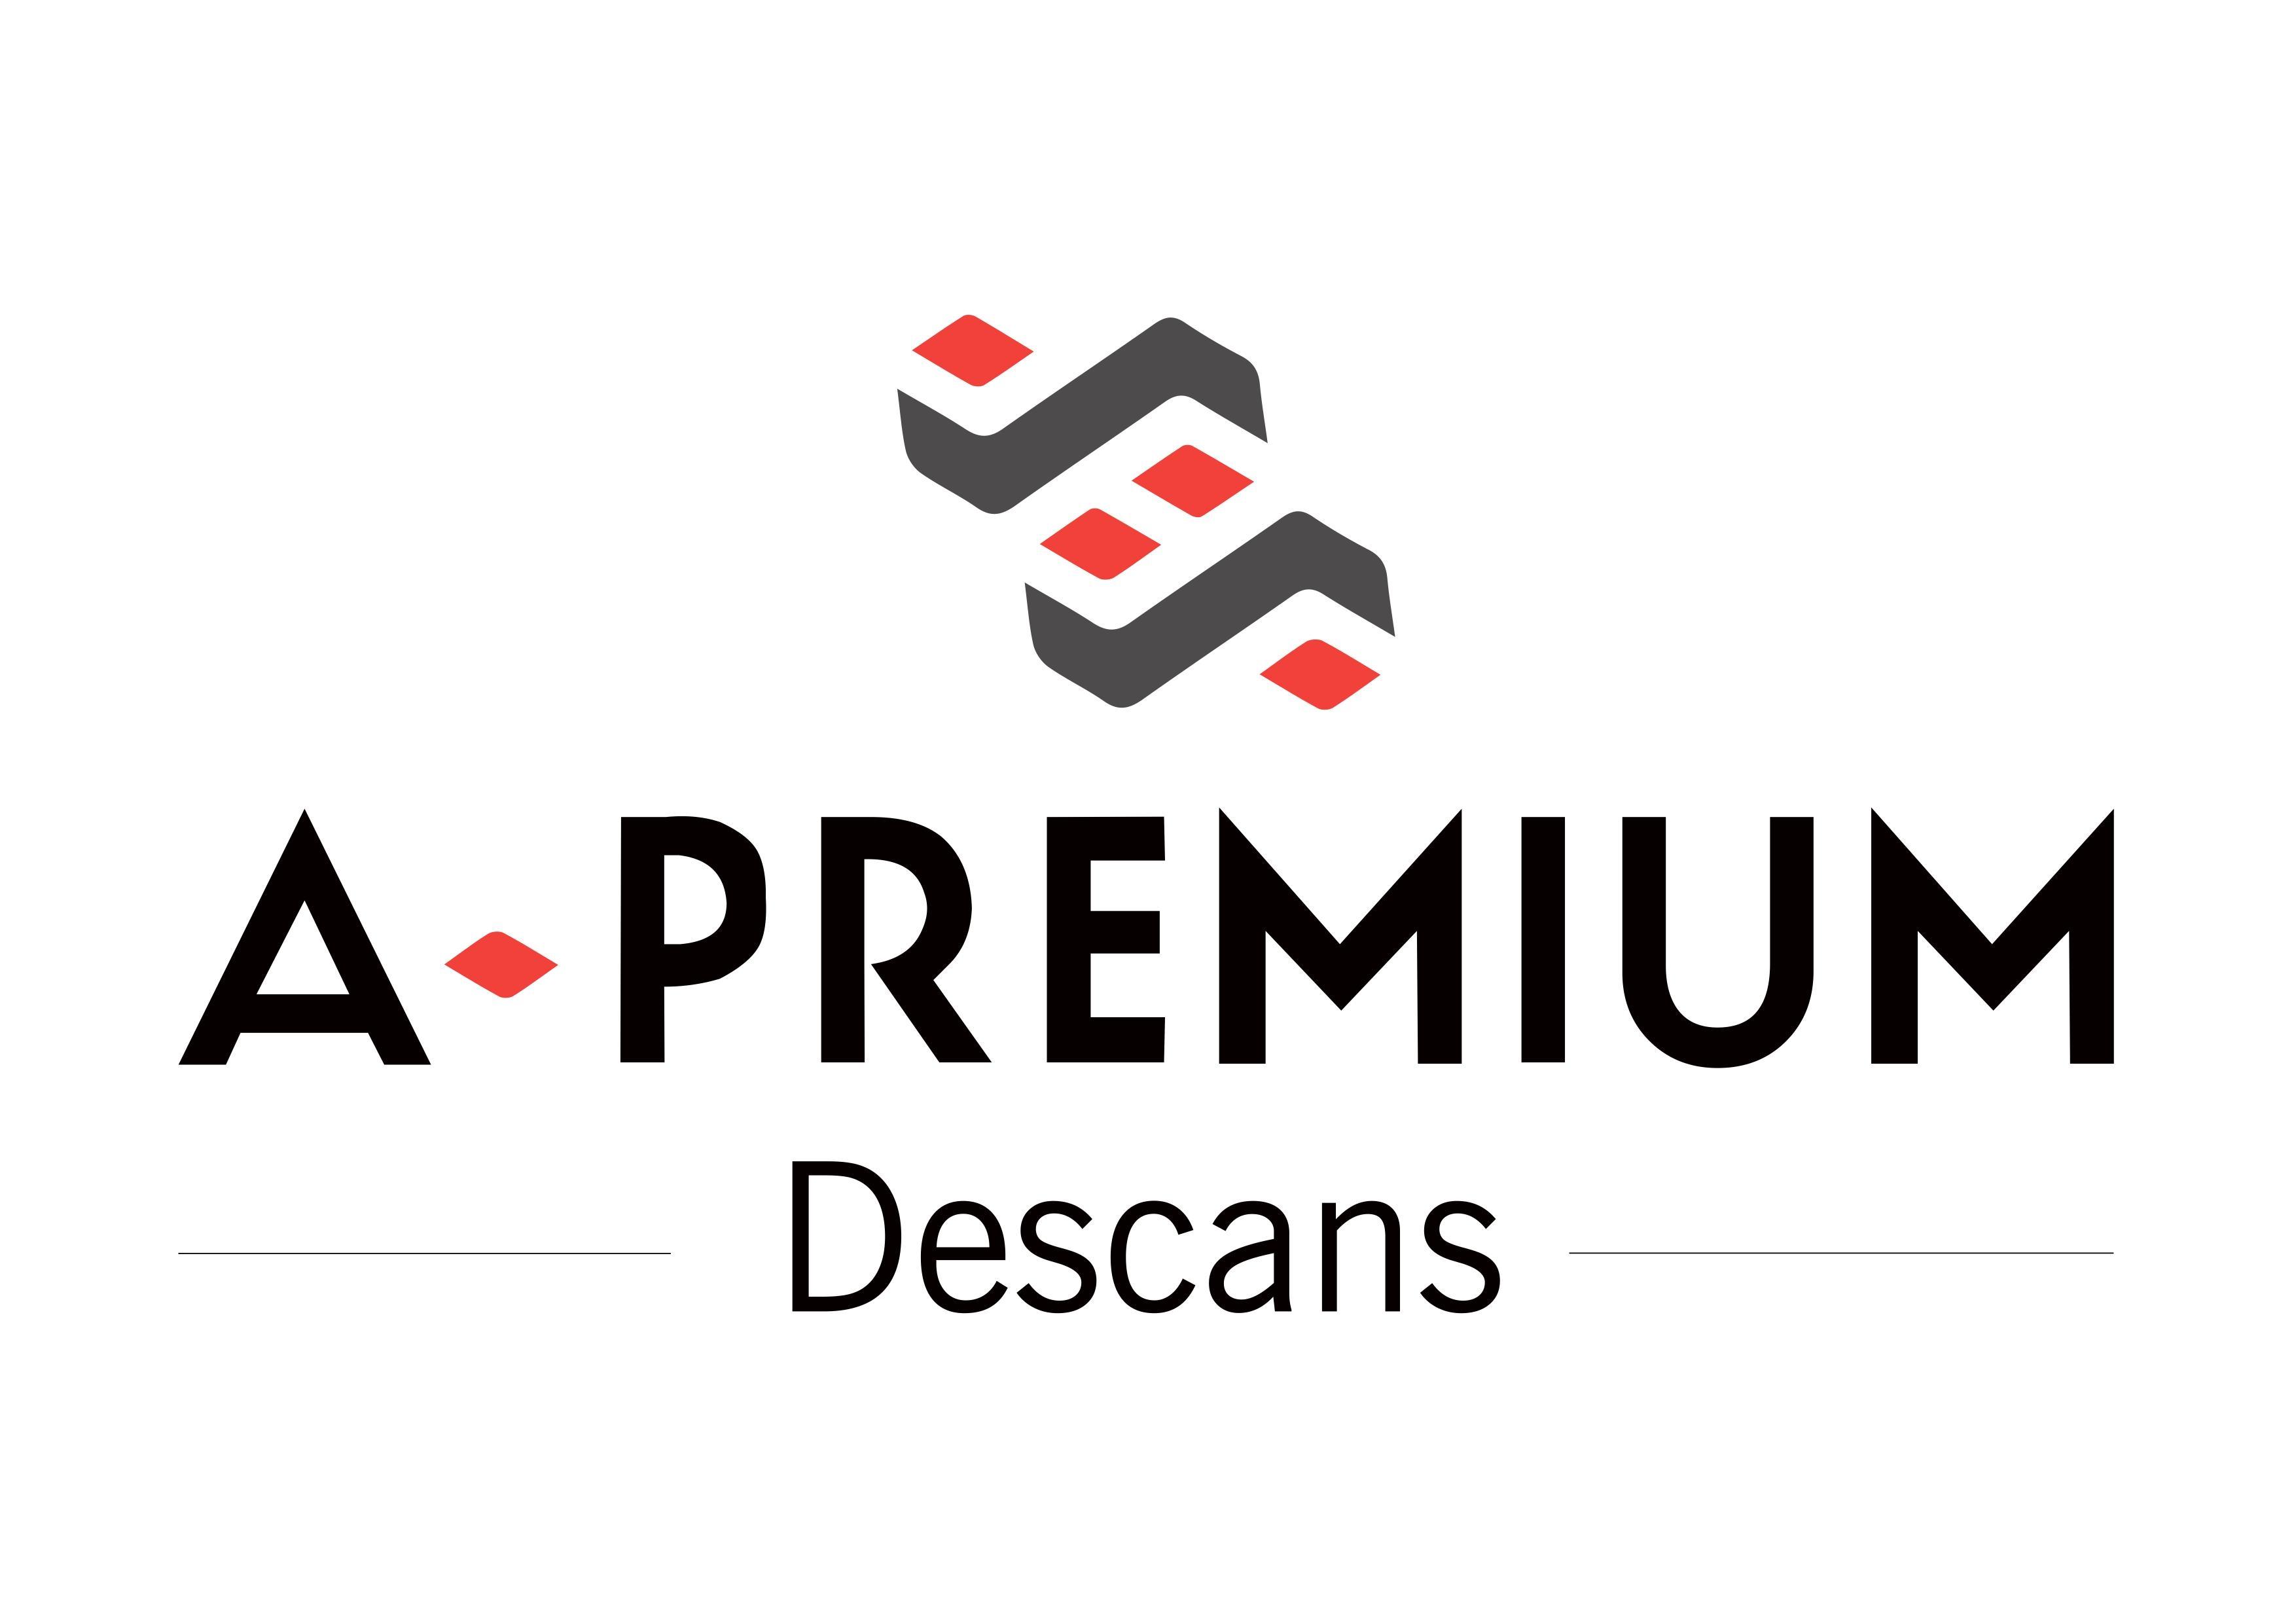 A-Premium